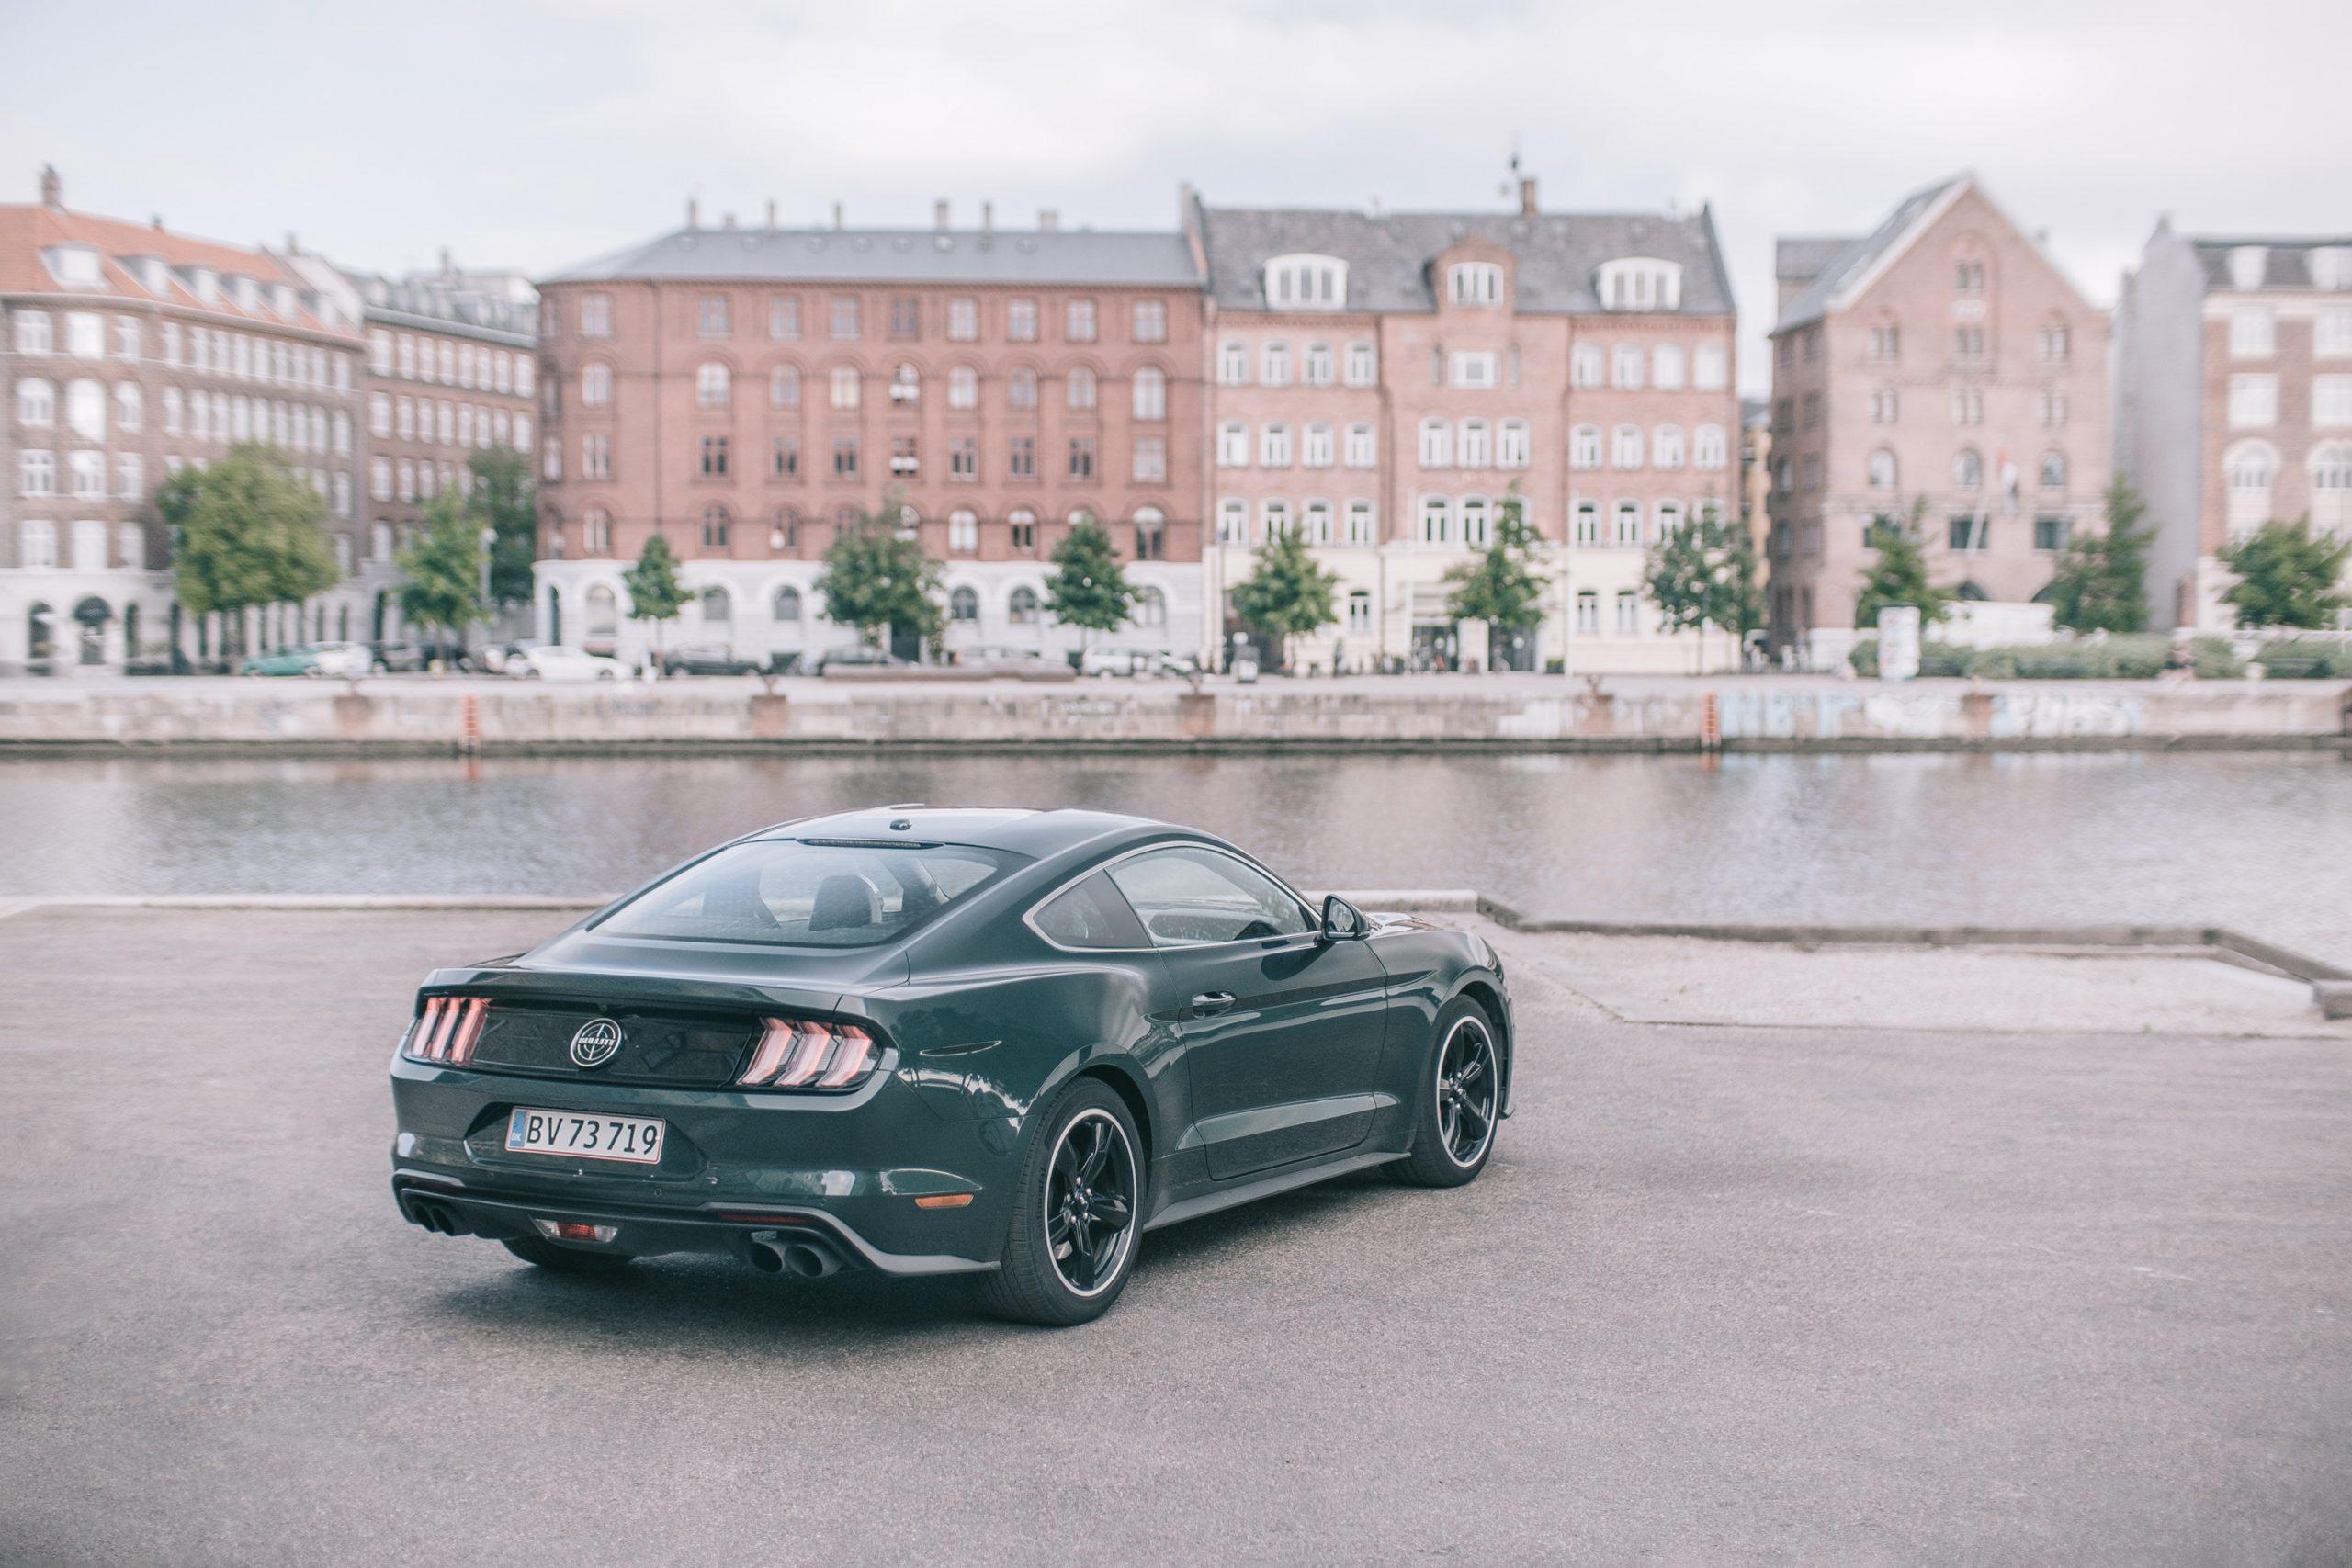 Mustang Bullitts ikoniske design set gennem fotografens linse